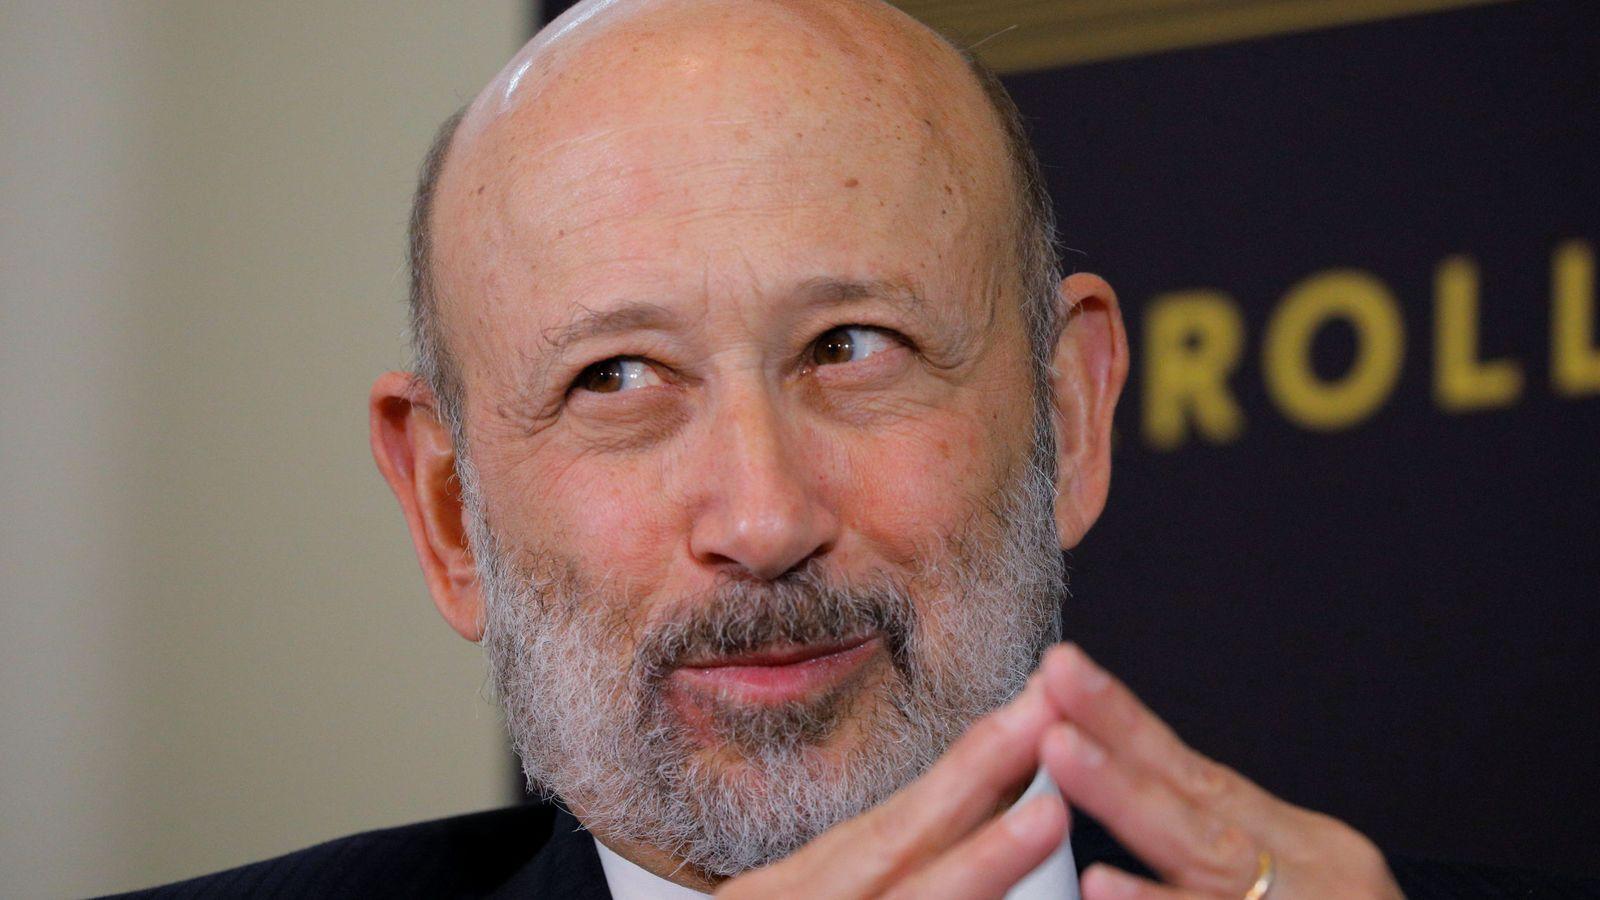 Foto: Lloyd Blankfein, CEO de Goldman Sachs, la firma que invirtió en la energía española. (B. Snyder/Reuters)